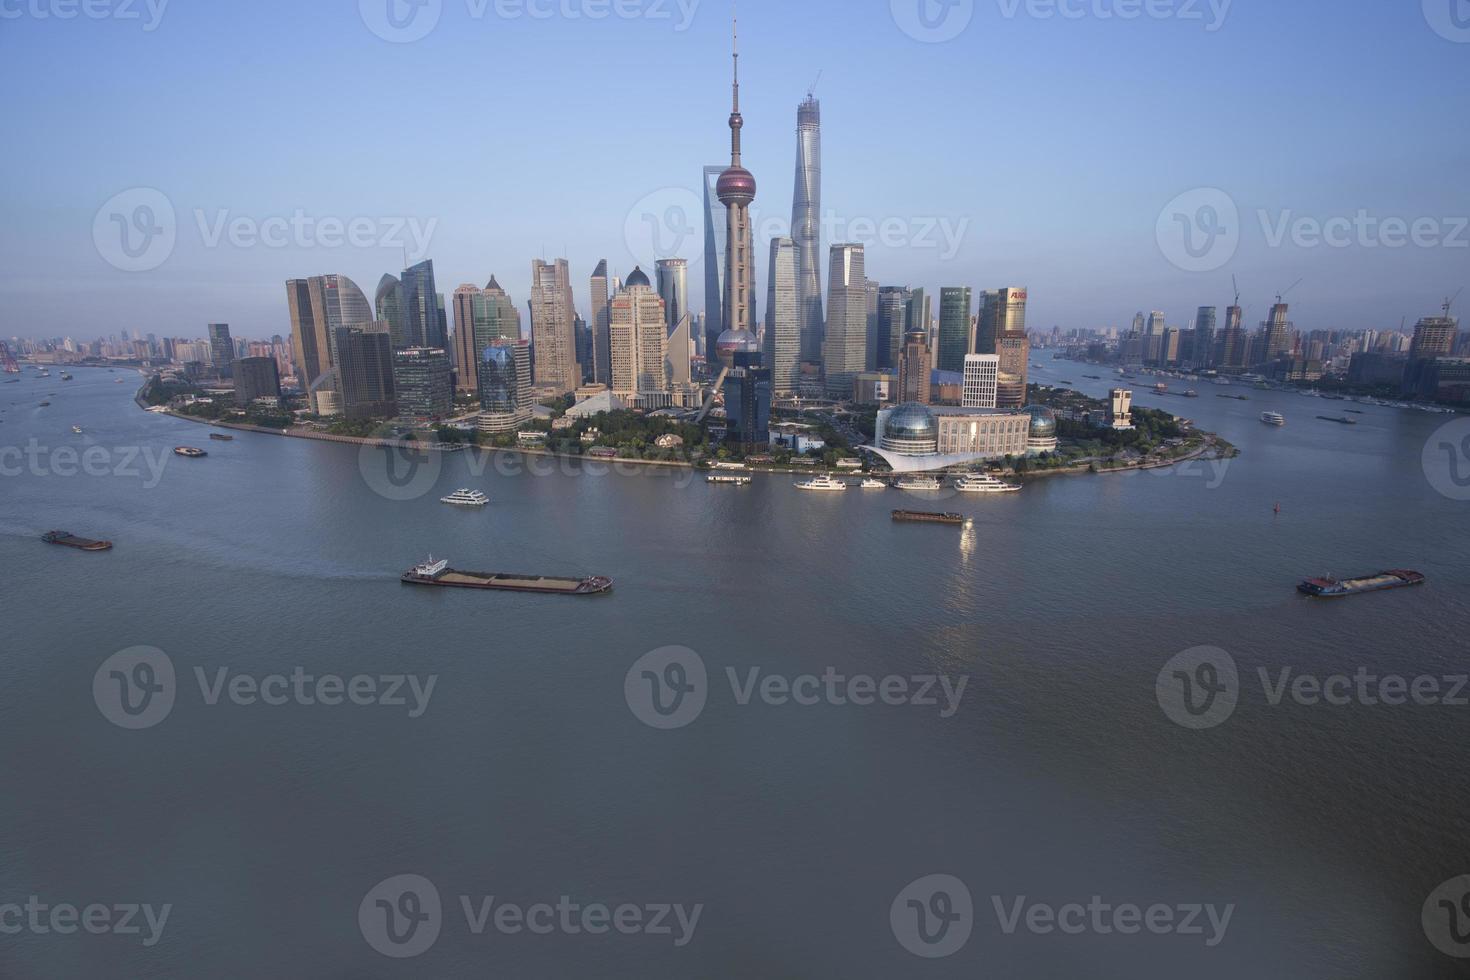 lujiazui autour du centre financier de la rivière huangpu-shanghai photo